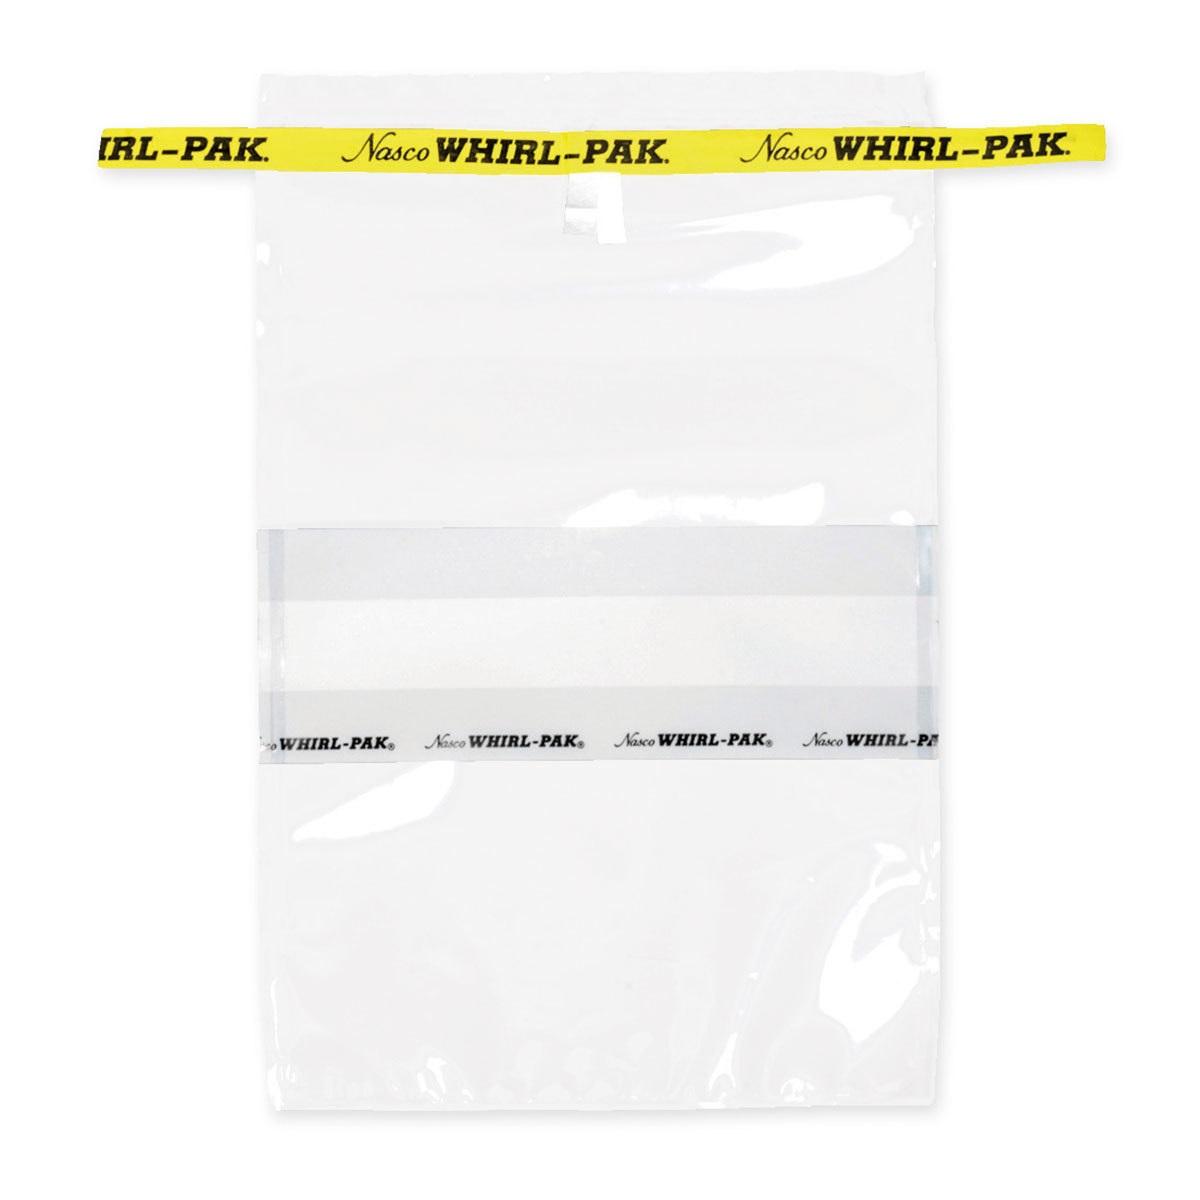 Стандартные стерильные пакеты для отбора проб с полем для надписи Whirl Pak (710 мл)